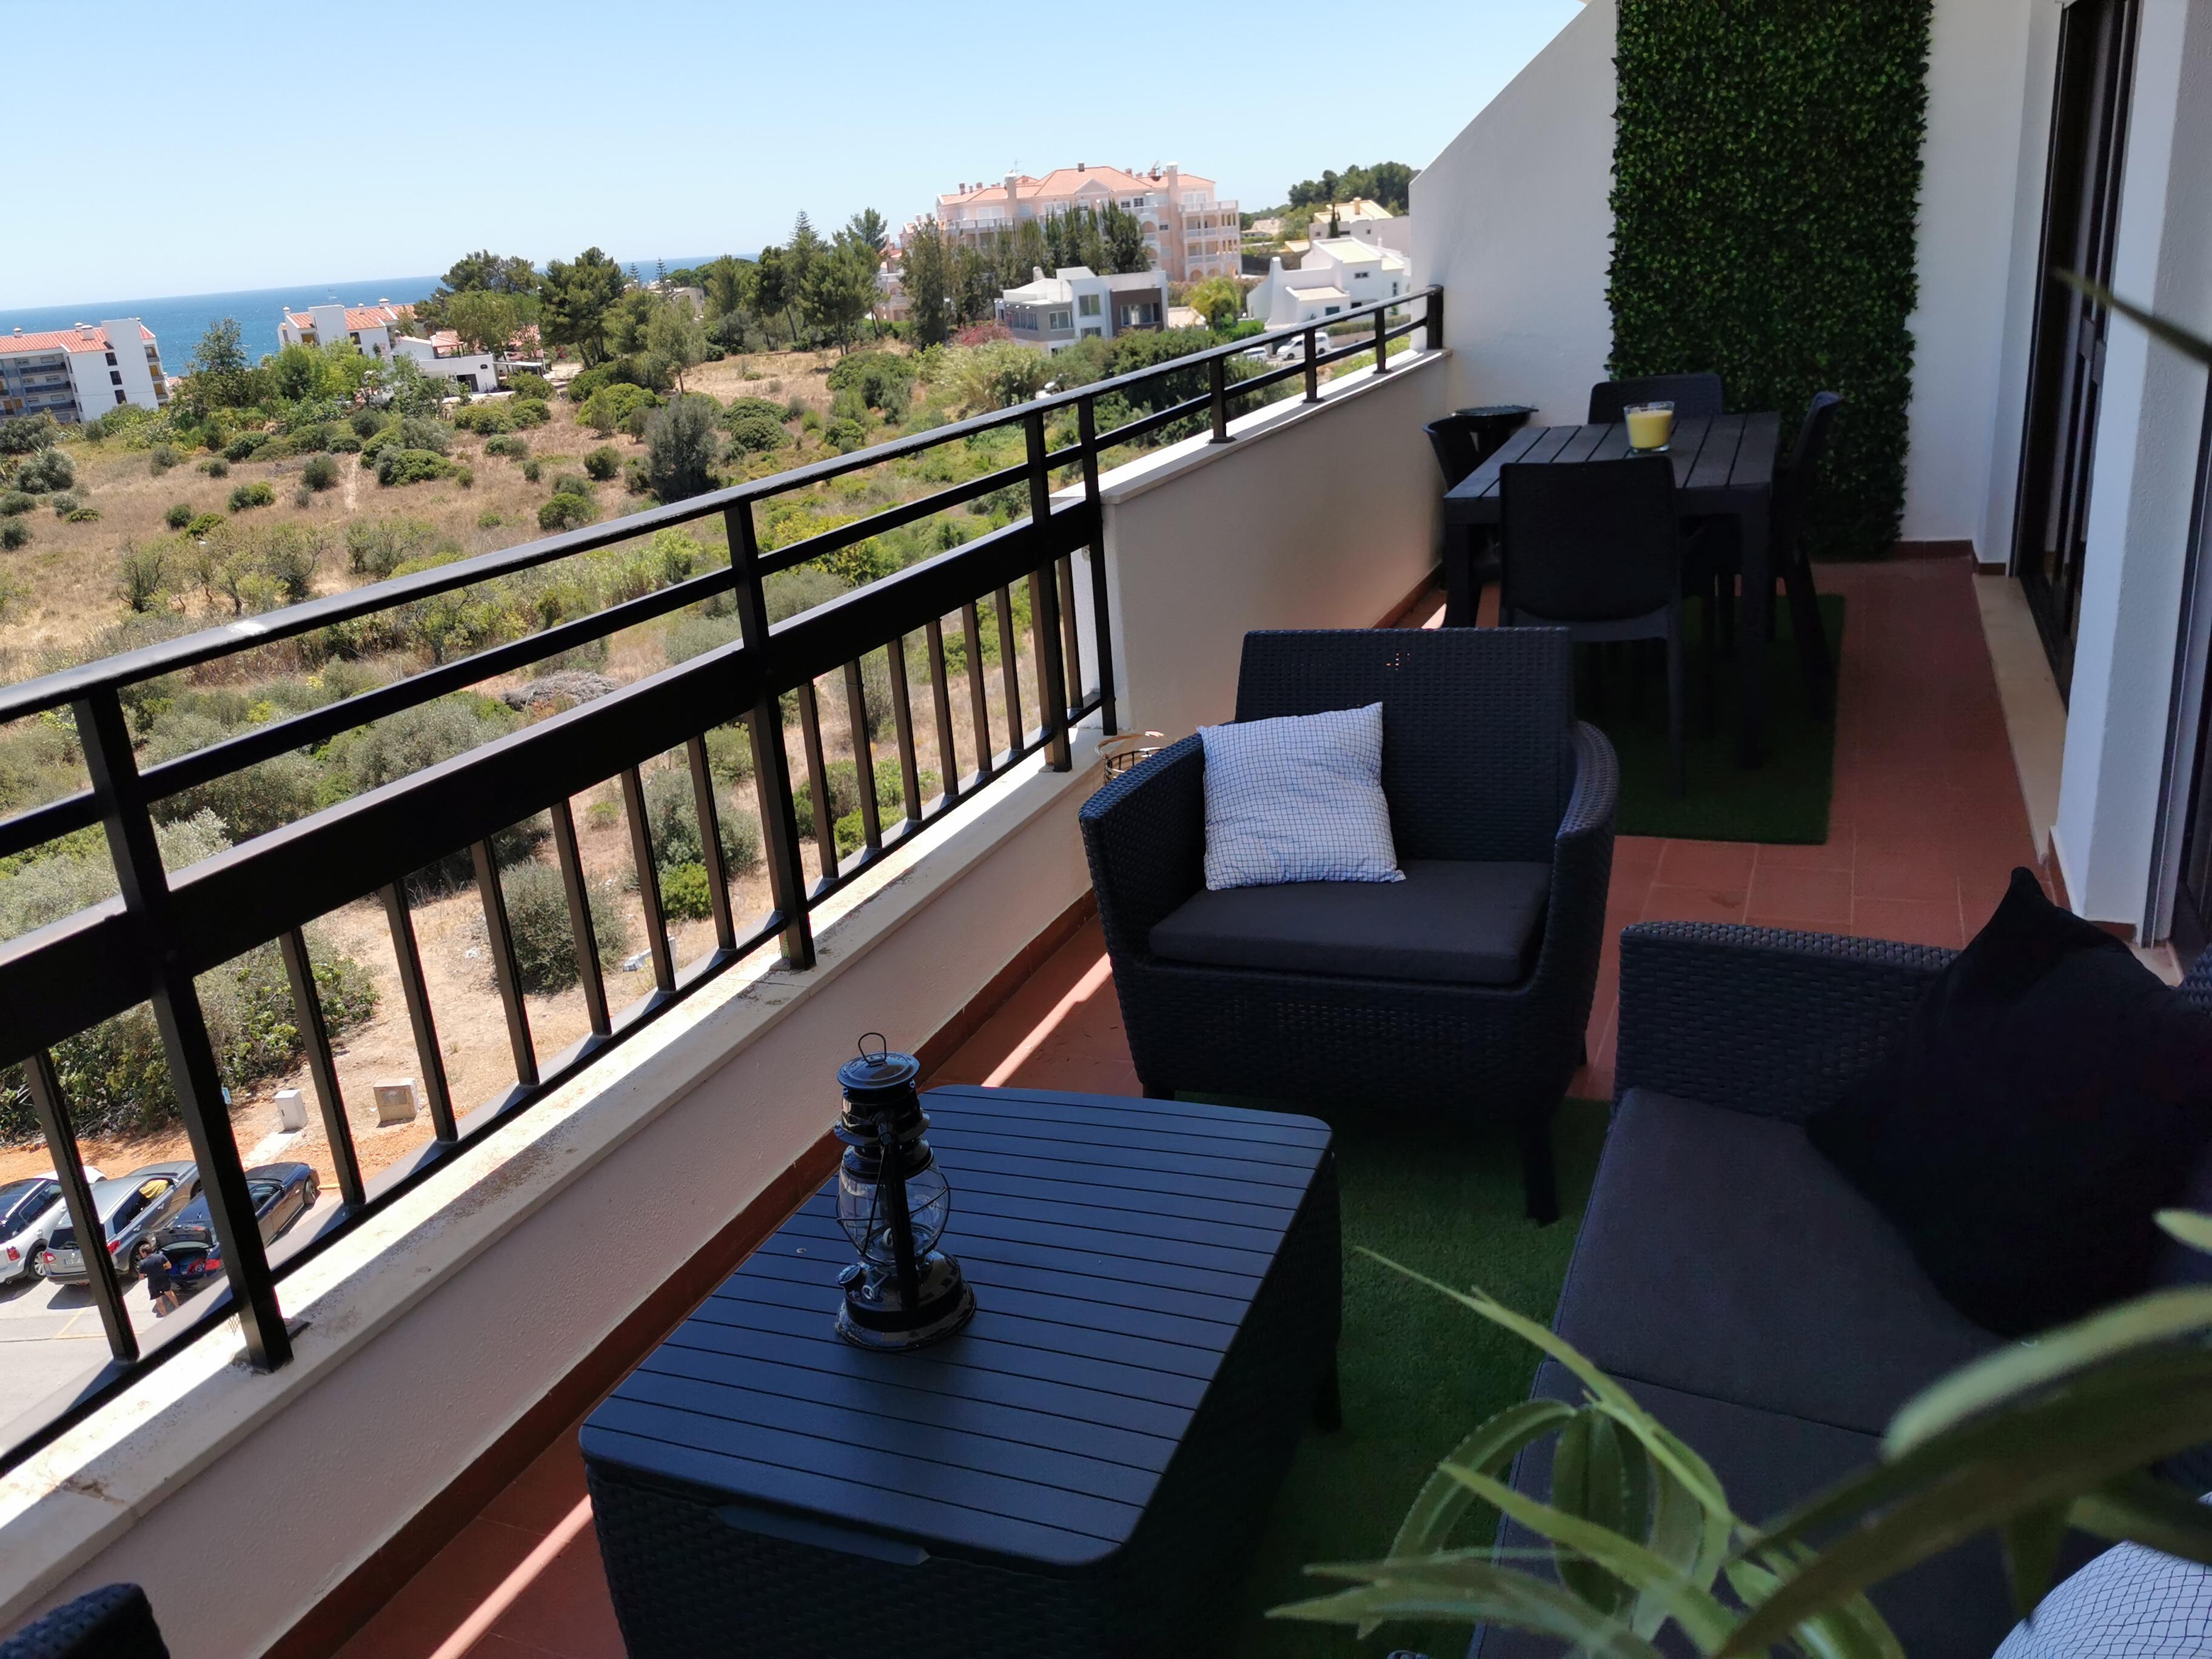 Location appartements et villas de vacance, T1 Encosta do Vau à Portimão, Portugal Algarve, REF_IMG_11603_11627